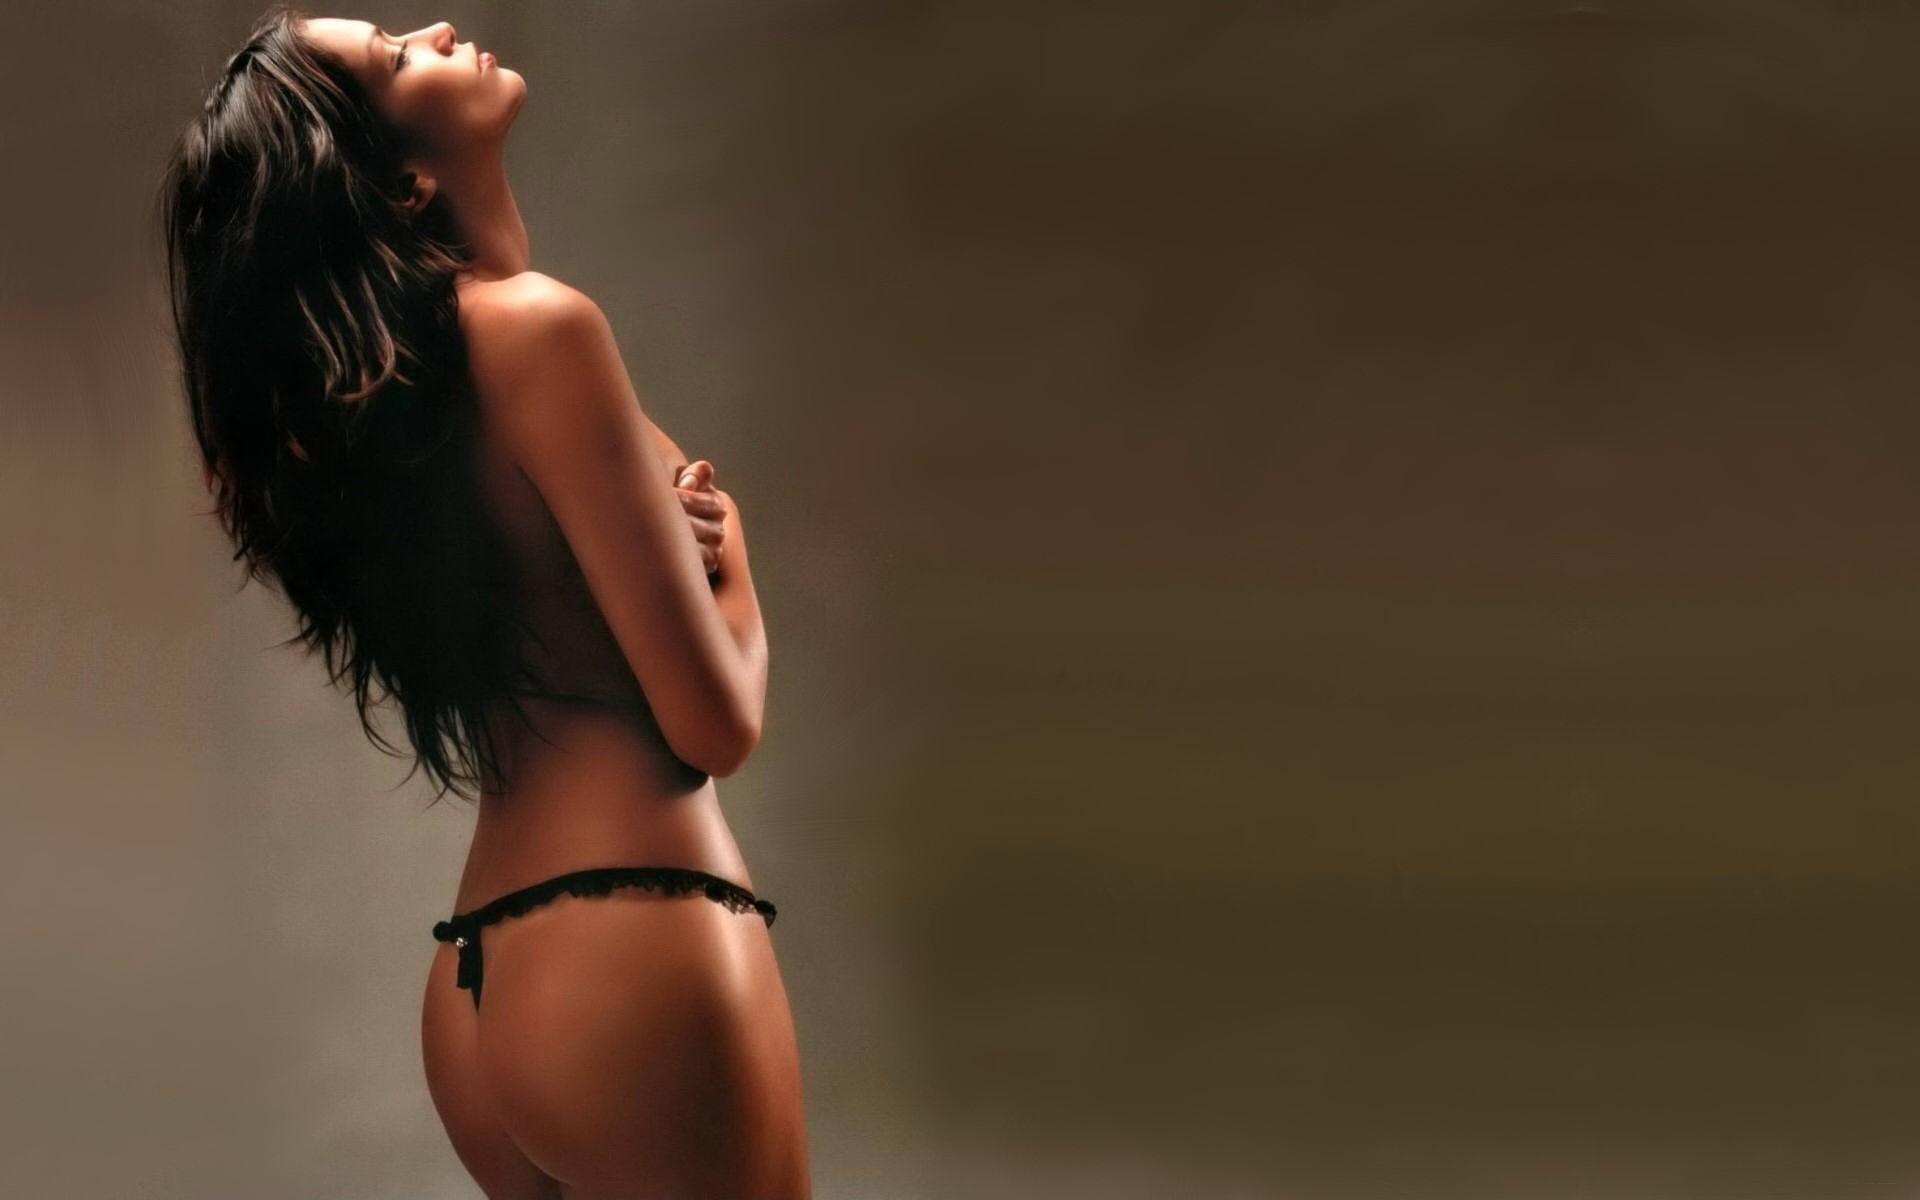 Эротическое фото талии, Голые девушки с широкими бедрами и узкой талией 24 фотография